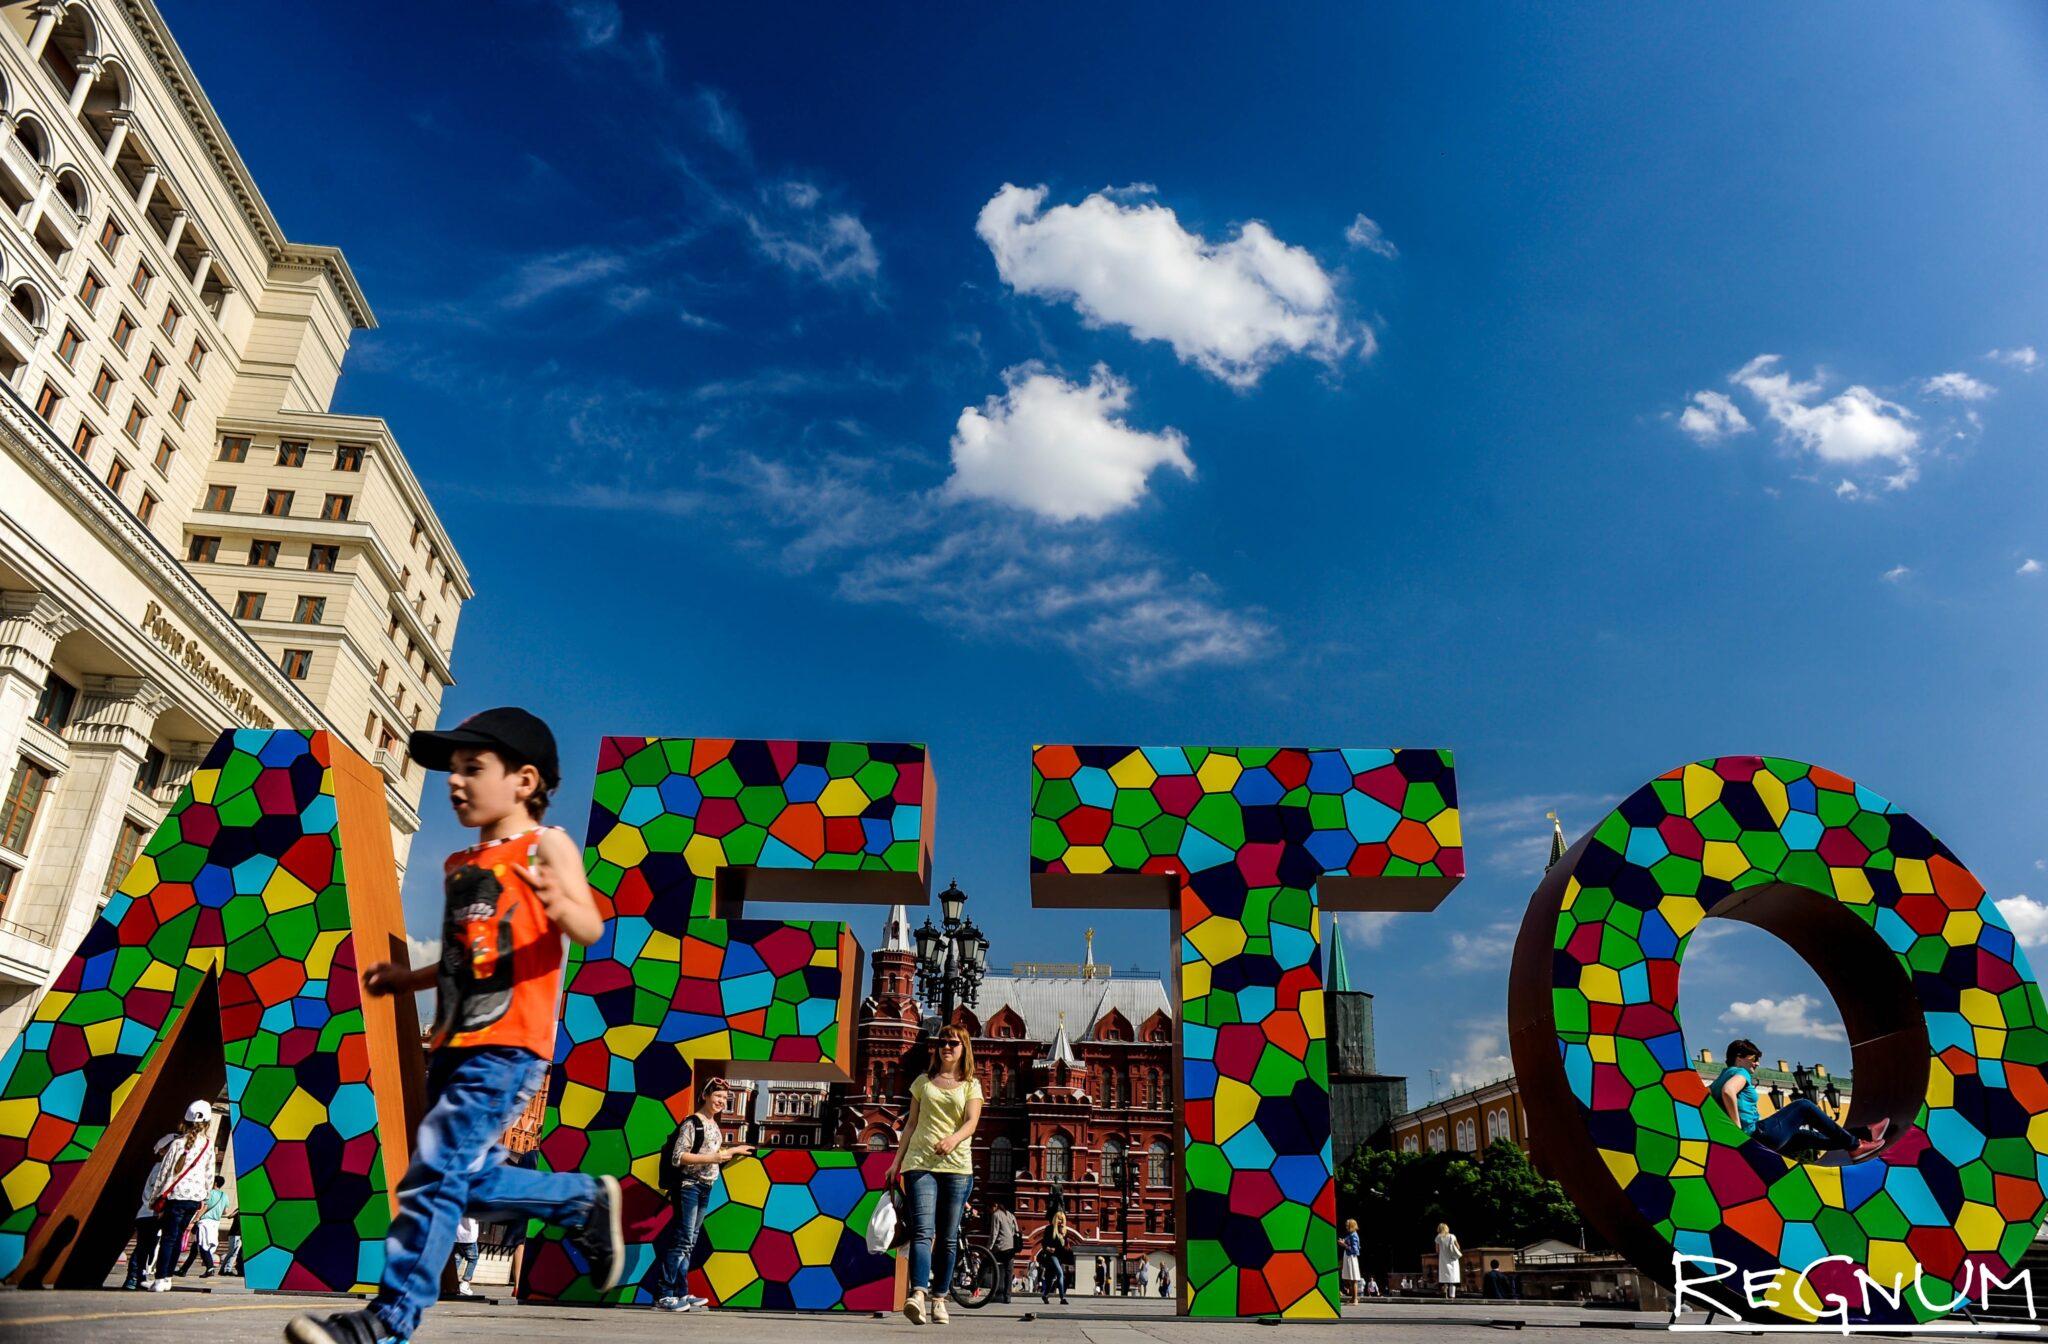 Погода в августе 2019 в Москве: прогноз от гидрометцентра, что говорят синоптики